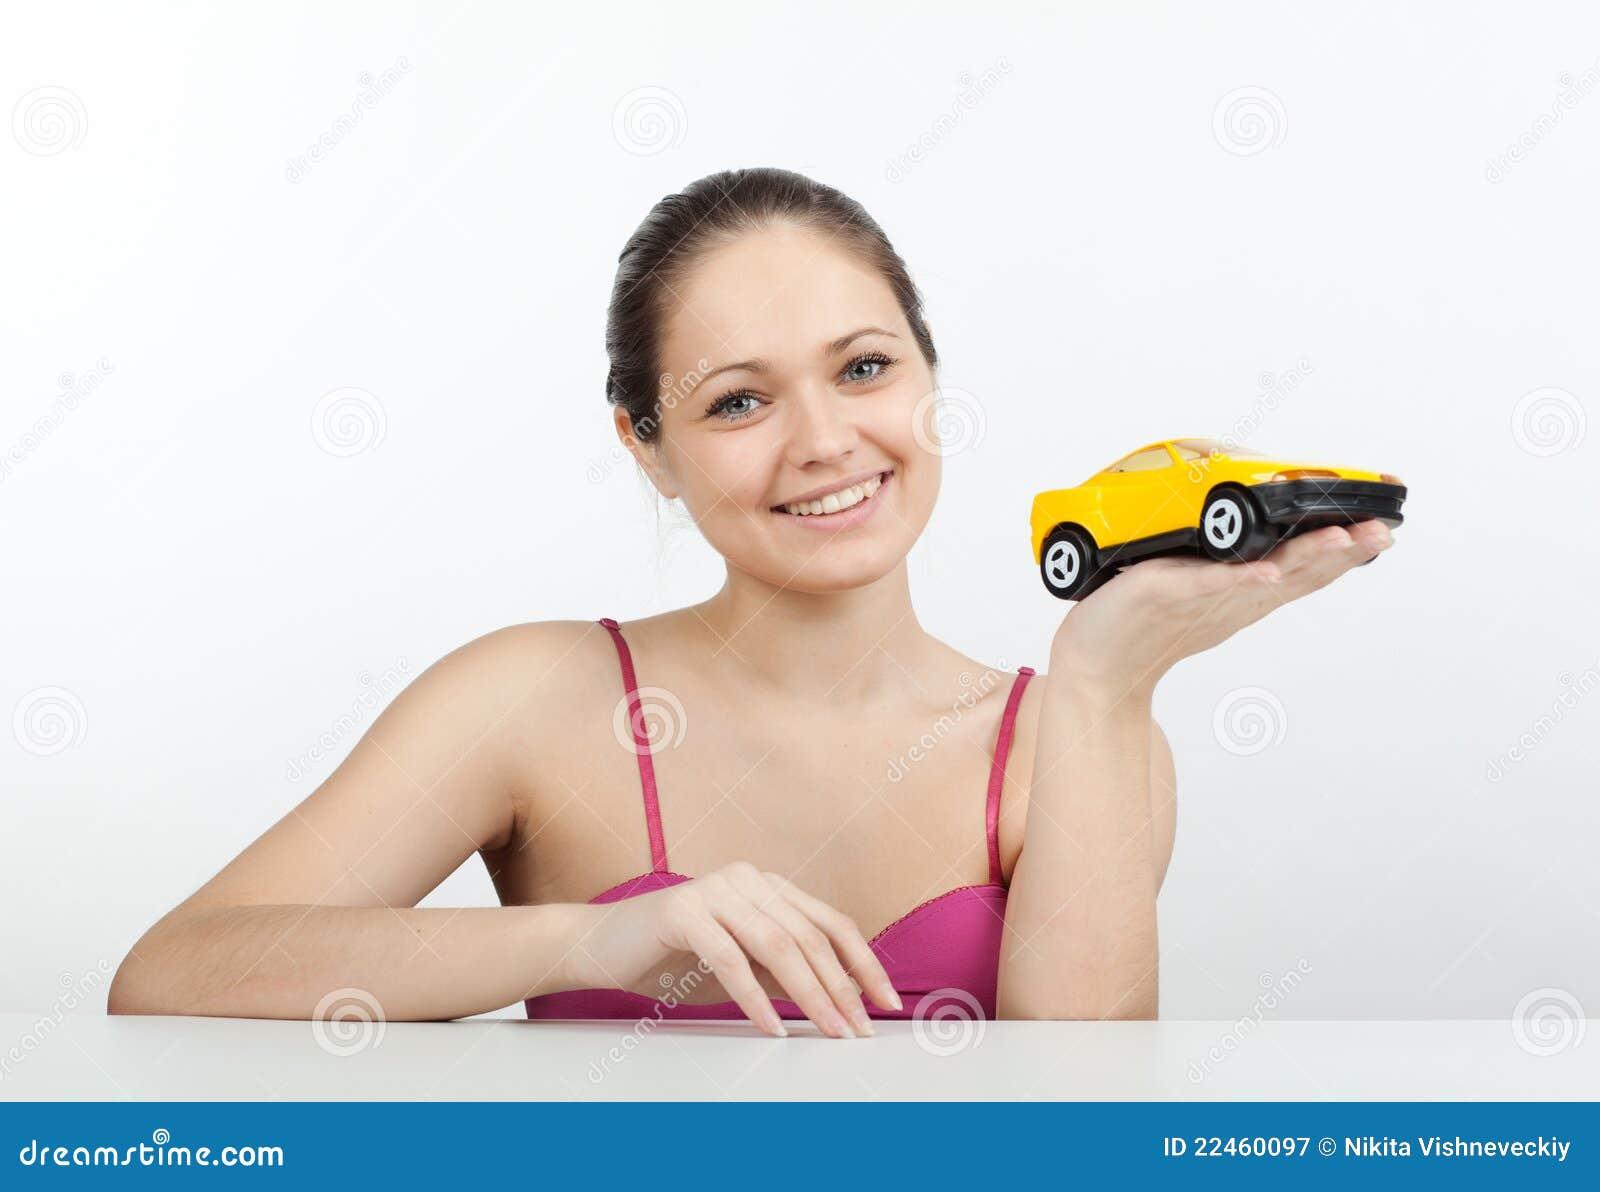 игрушка машины девушки